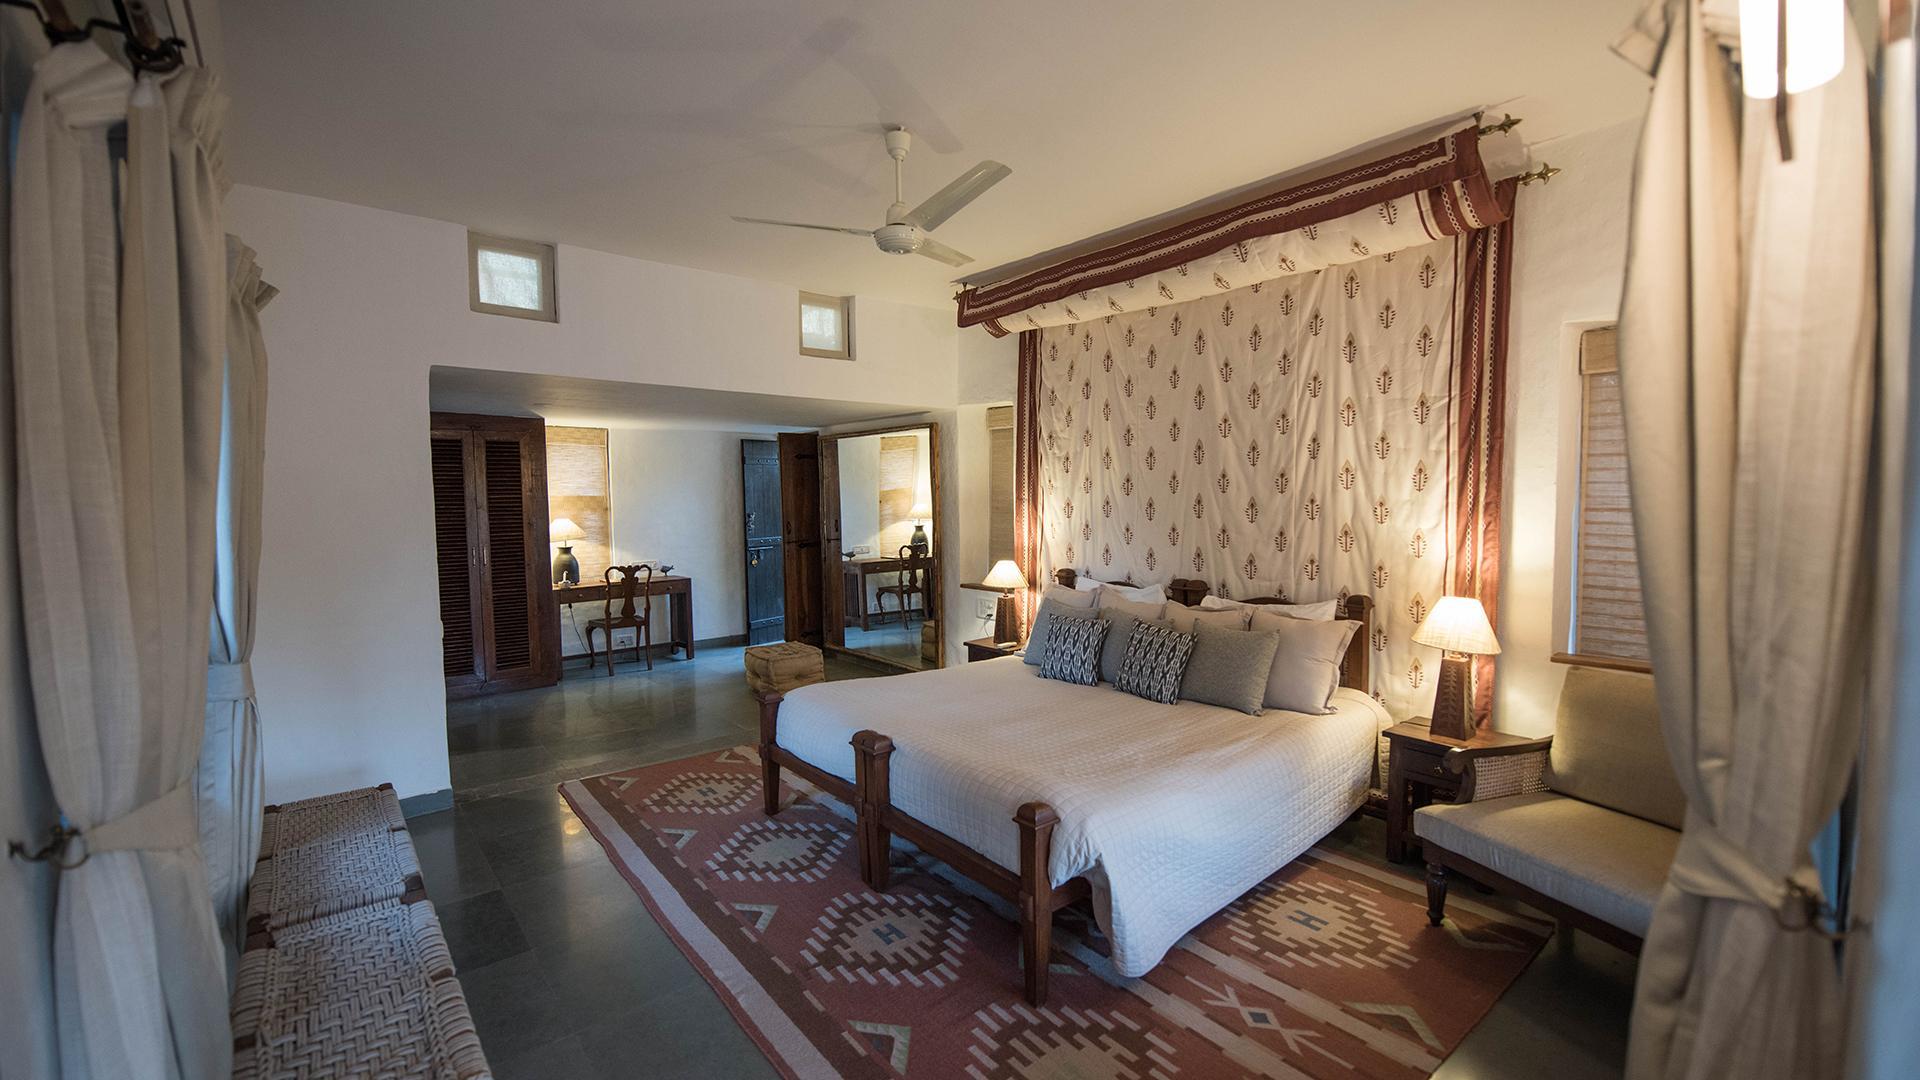 AC Cottage Room image 1 at Forsyth Lodge by Hoshangabad, Madhya Pradesh, India